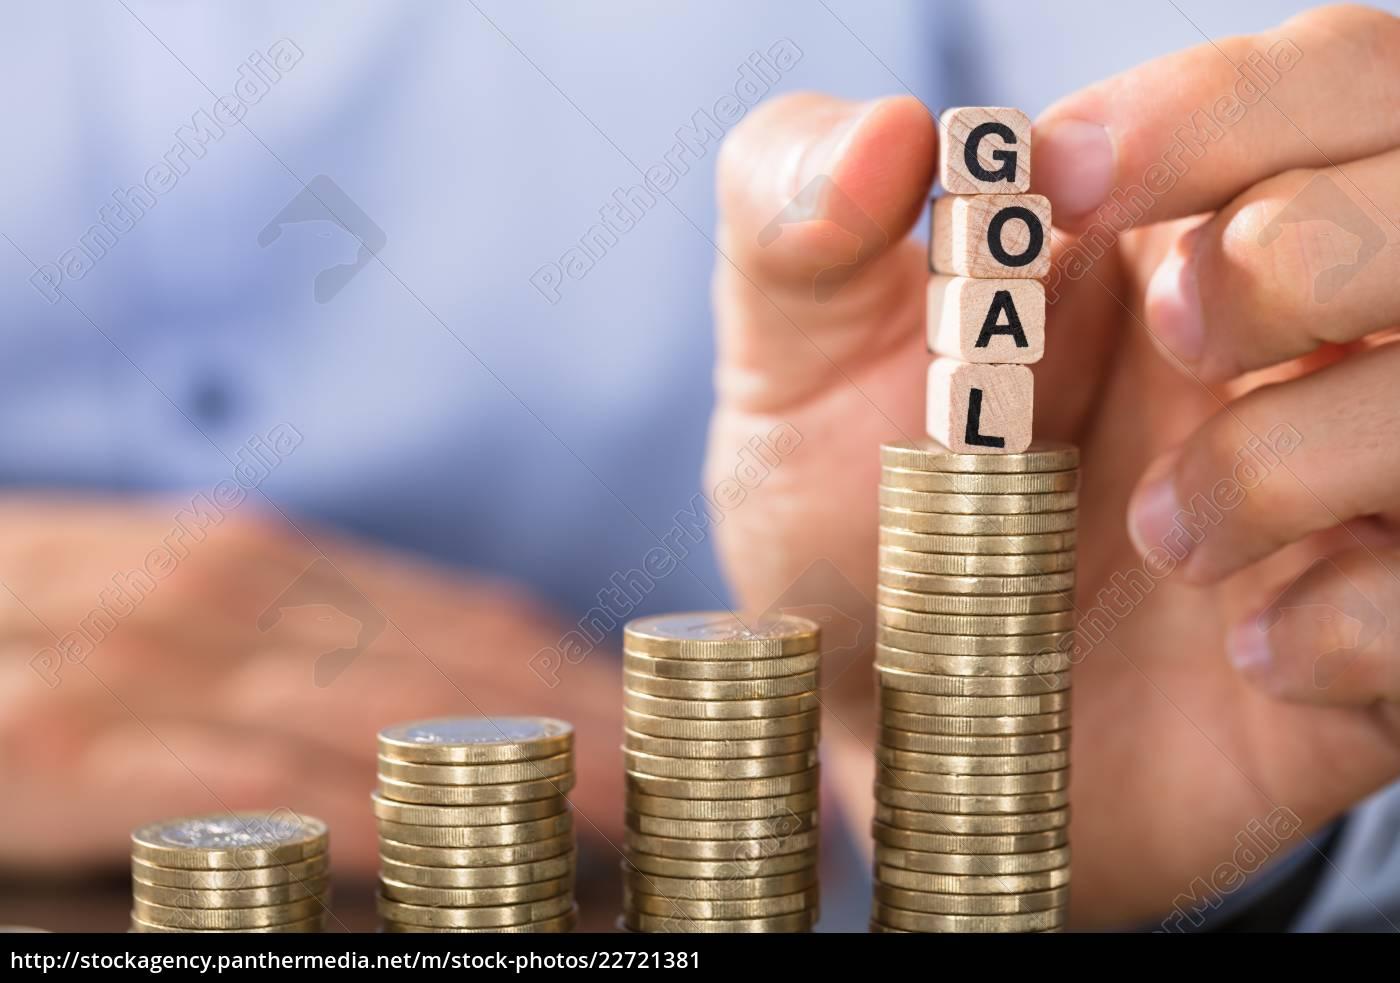 hand, holding, goal, blocks, over, the - 22721381